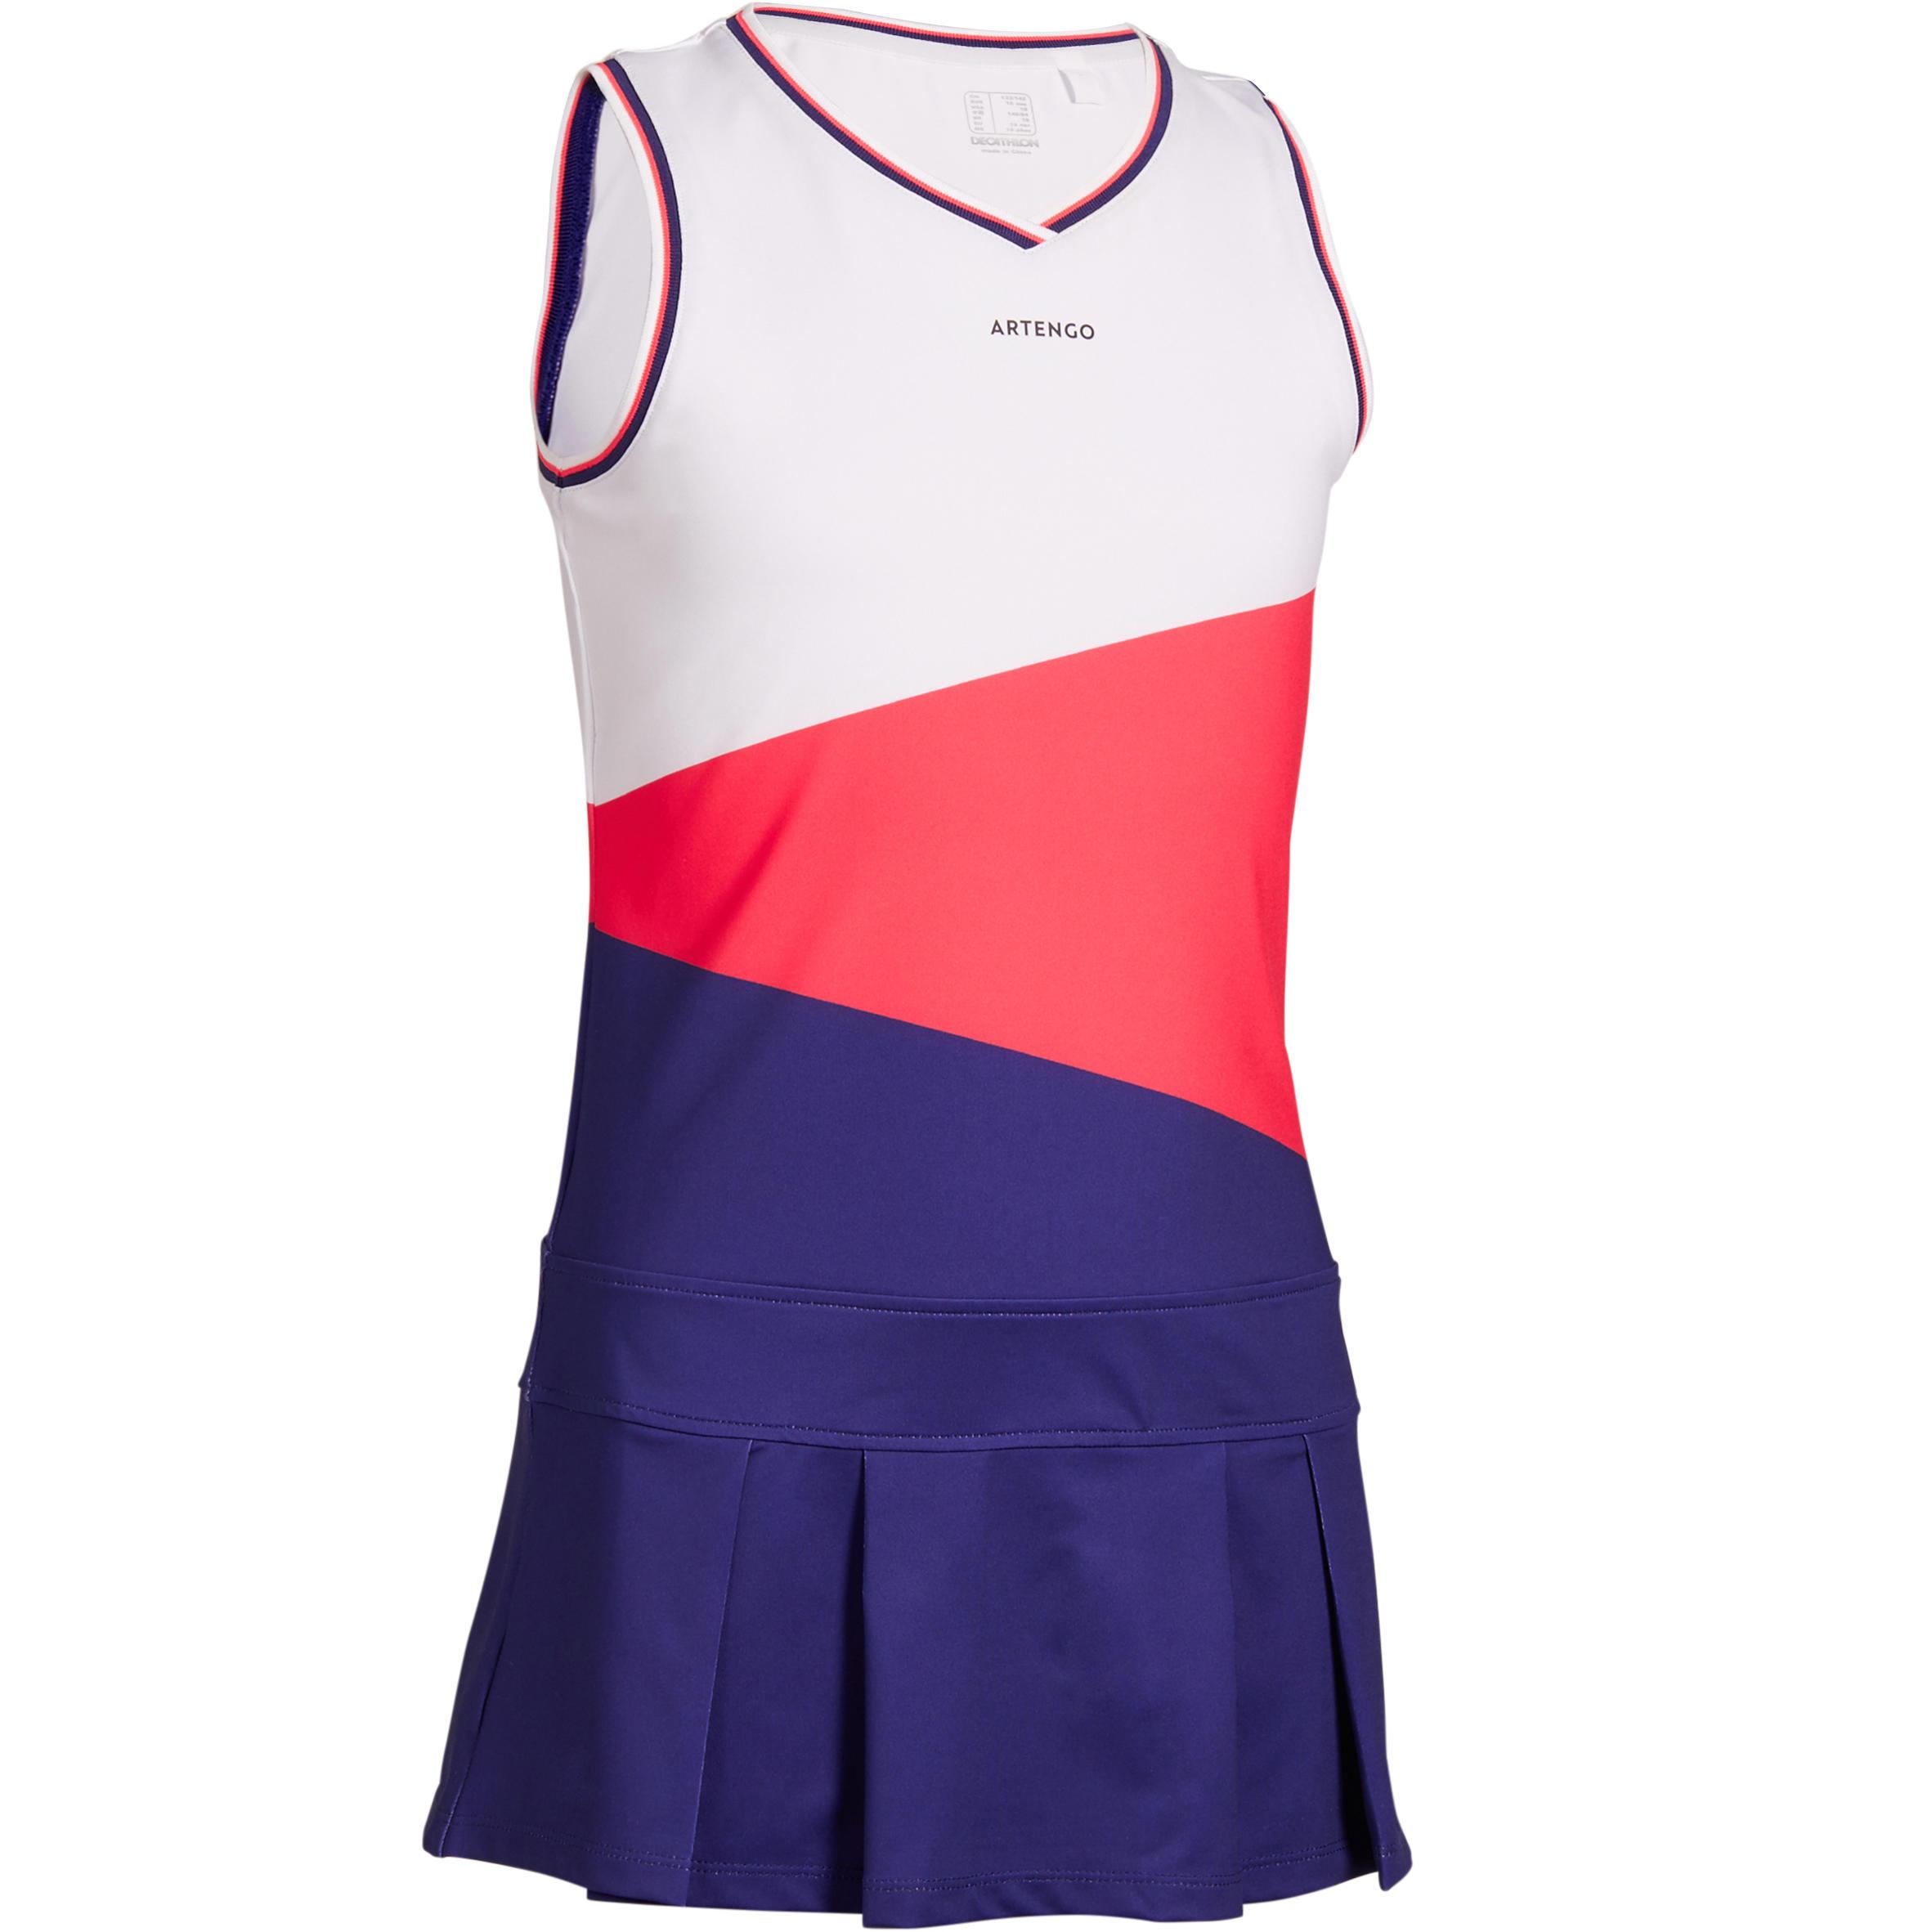 Artengo Tennisjurkje meisjes 500 wit/roze/blauw